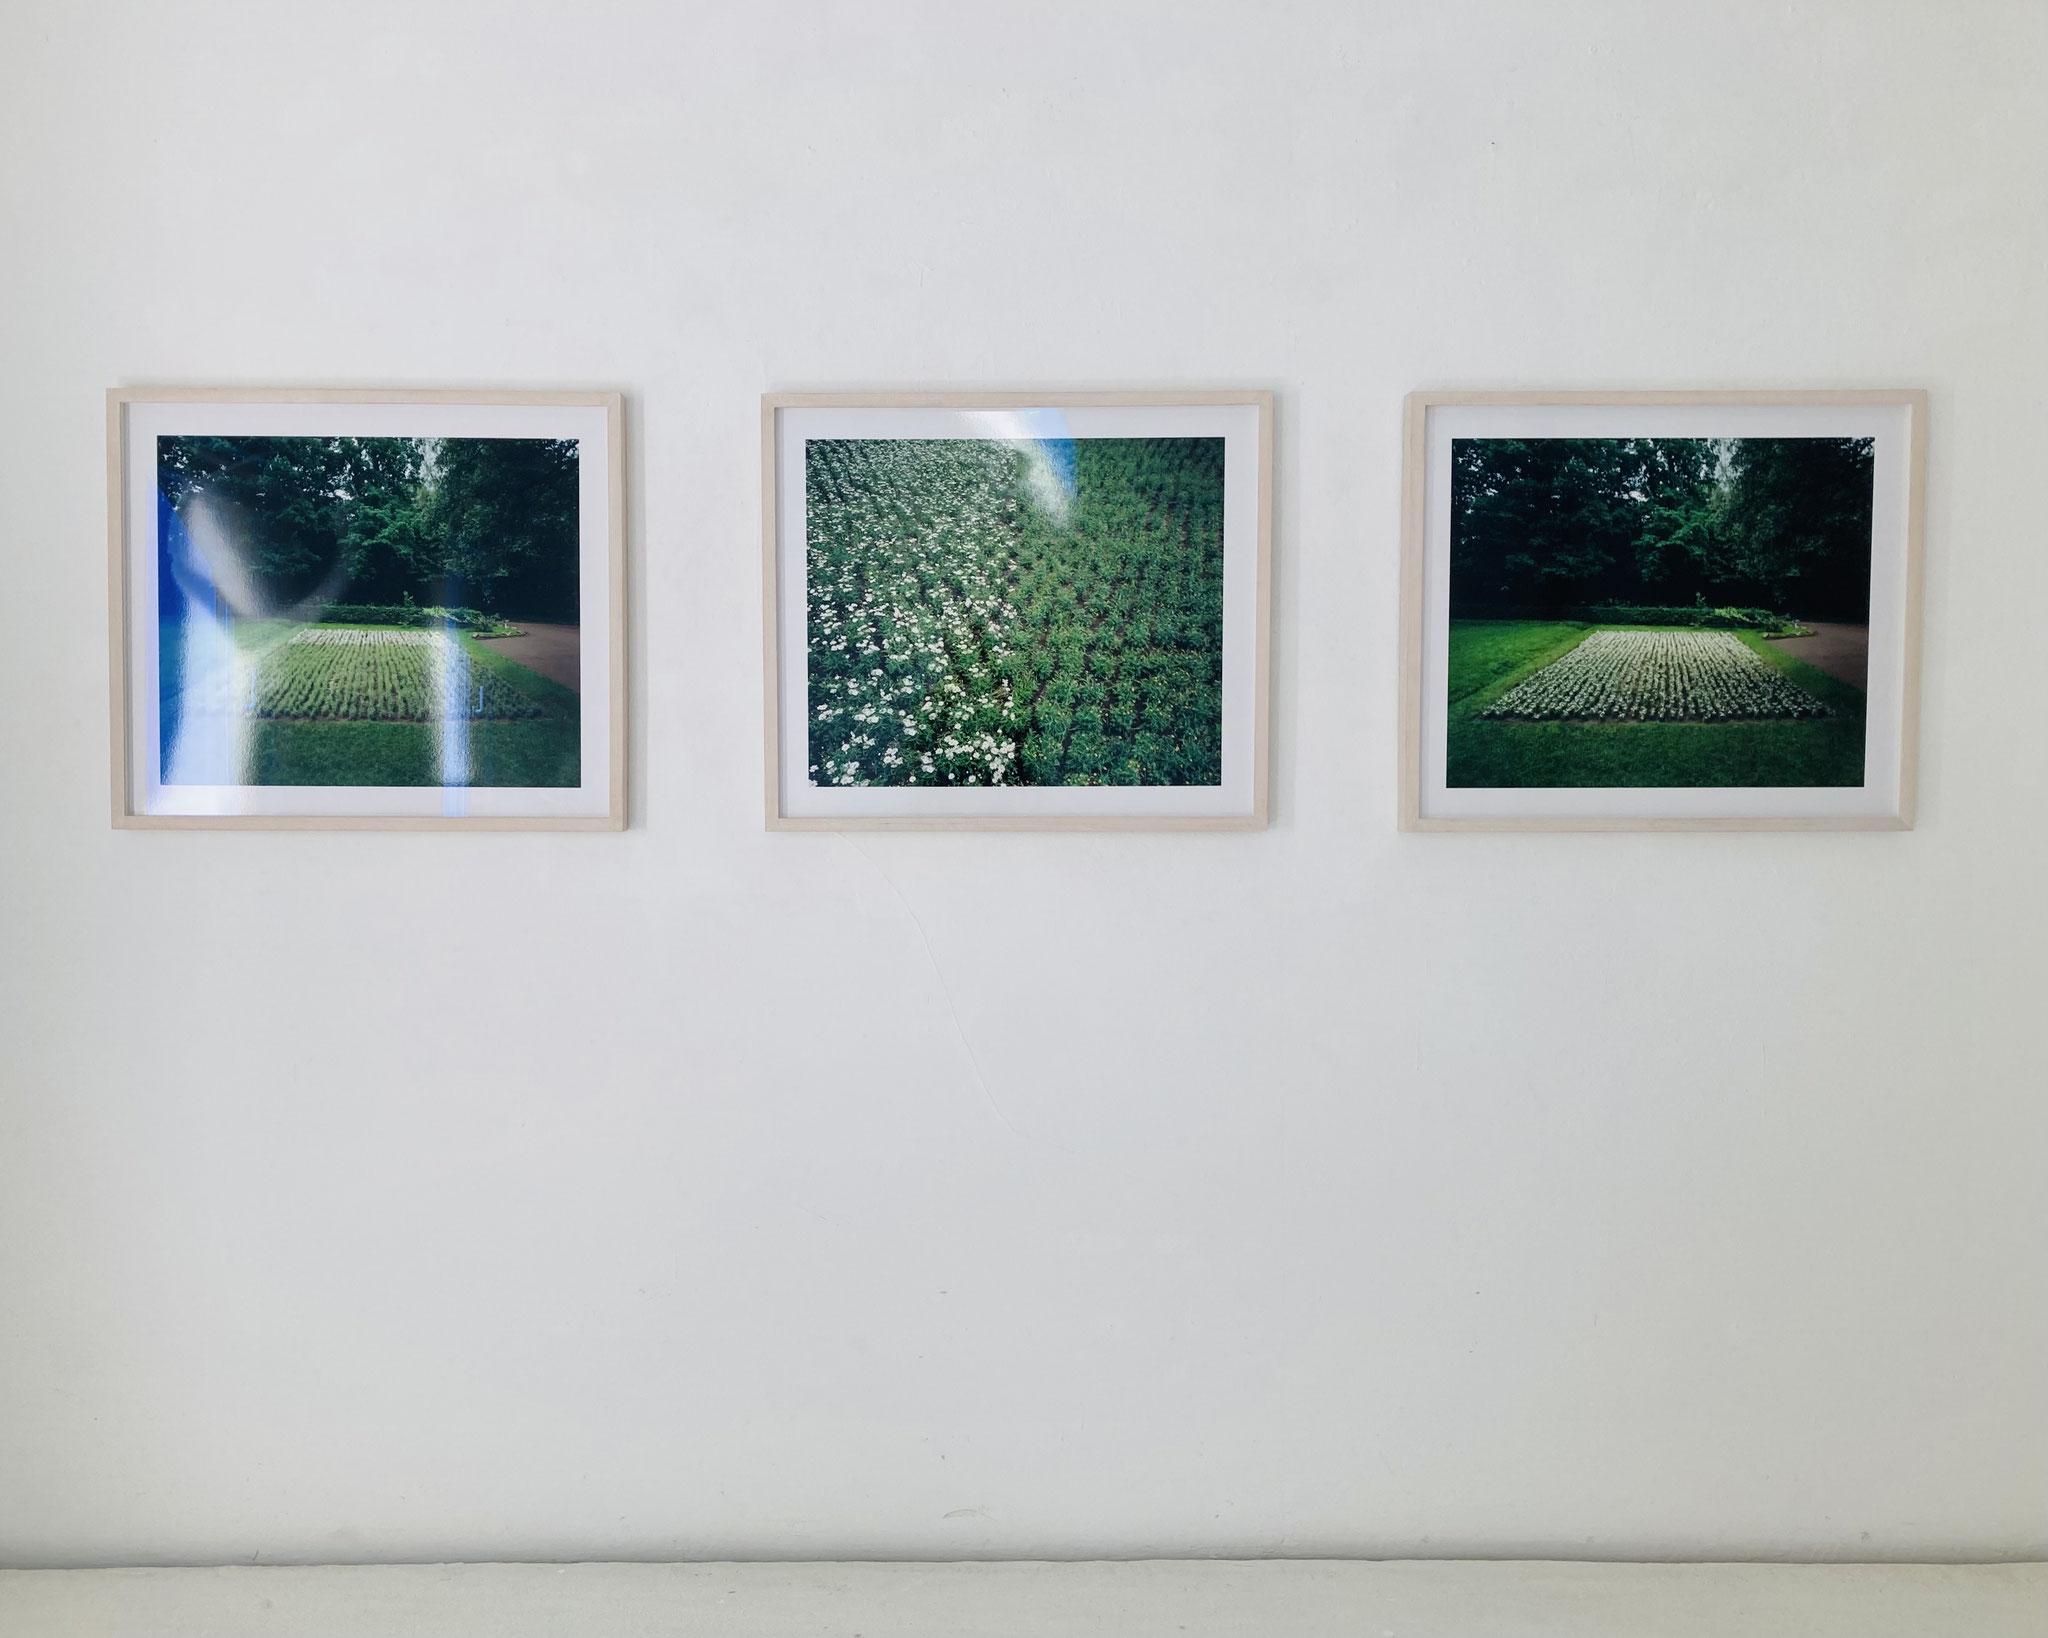 Ursula Neugebauer I von Herzen, mit Schmerzen 2000 I Photographie, 3000 Margeritenstauden auf einem Feld von 200qm mit abgezupften Blütenblätter,  je 60 cm x 80 cm, Edition 3